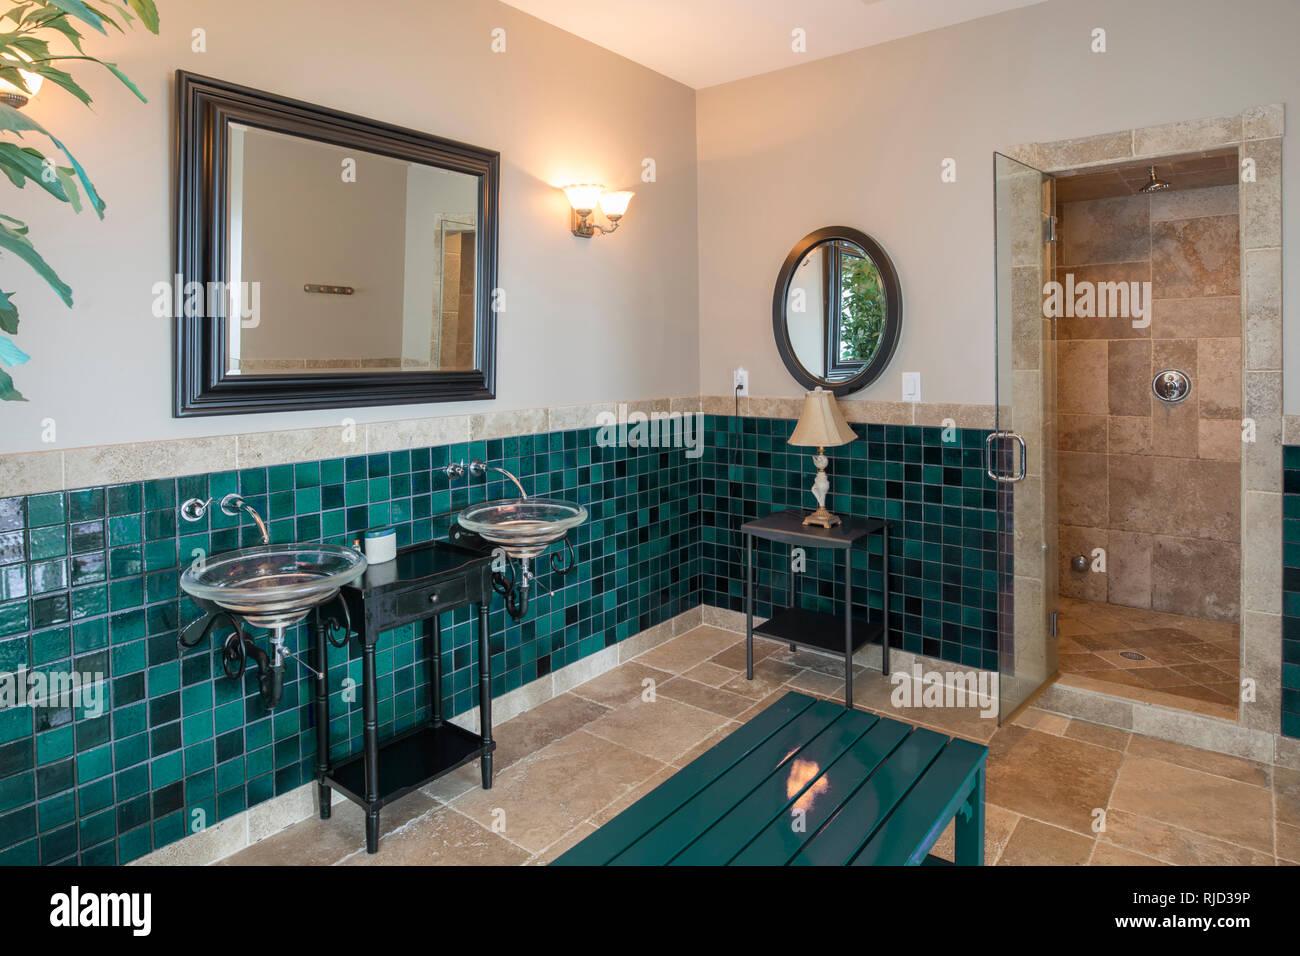 Spa di lusso bagno con piastrelle di pietra calcarea e doccia foto